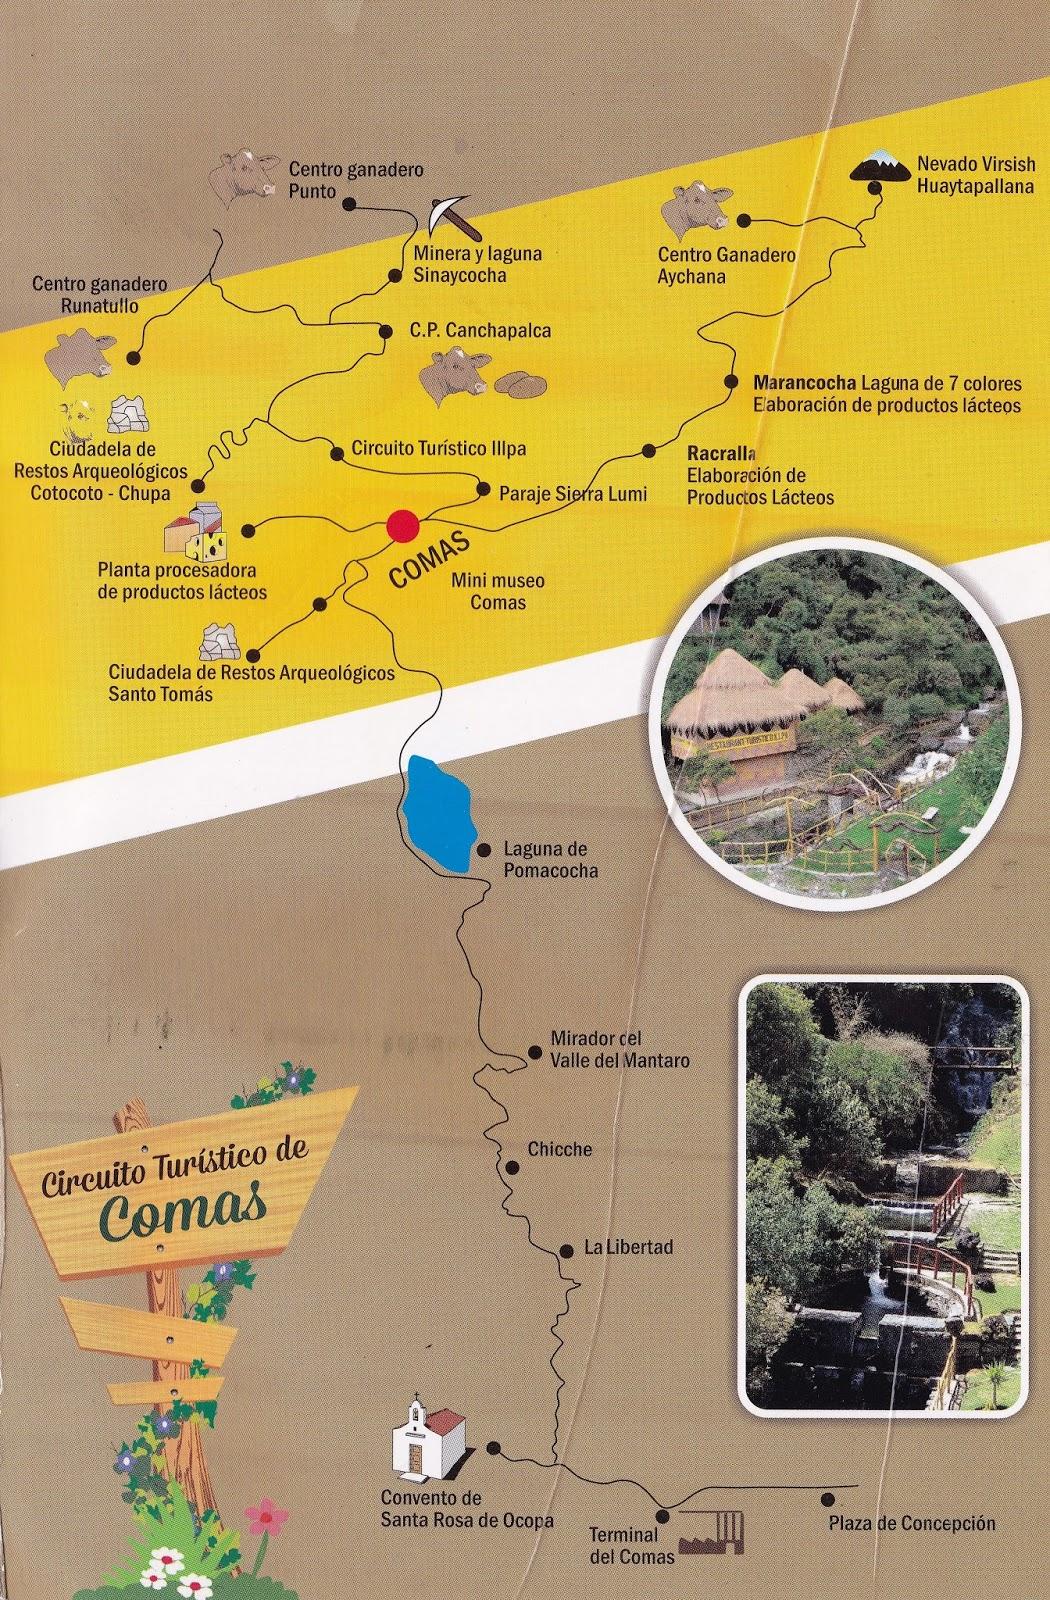 Circuito Turistico : Circuito turistico tour s alto andino